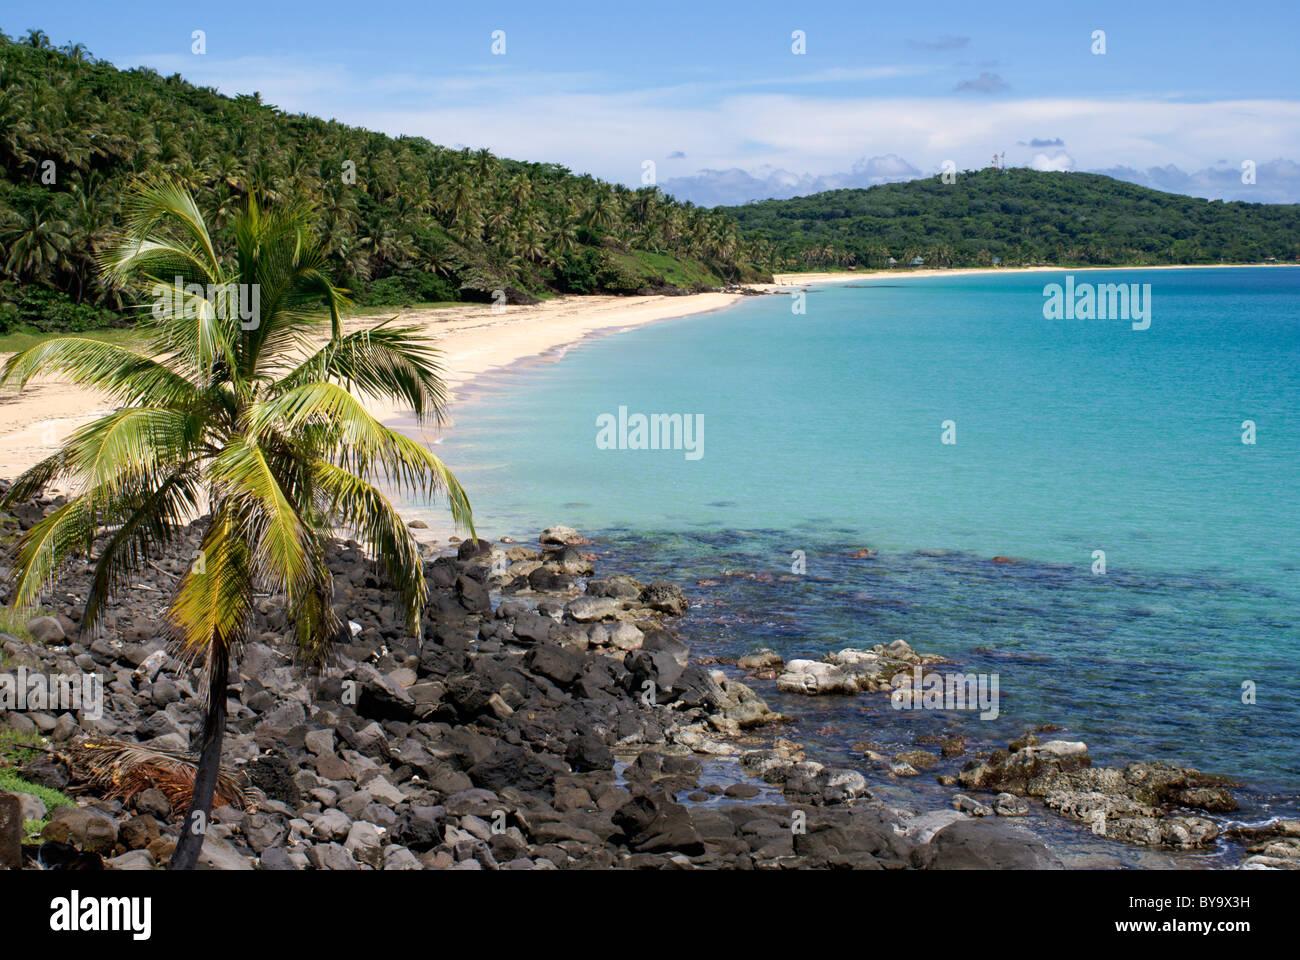 Plage des Caraïbes, sable blanc immaculé sur Big Corn Island ou Grande Corn Island, au Nicaragua, en Amérique centrale Banque D'Images